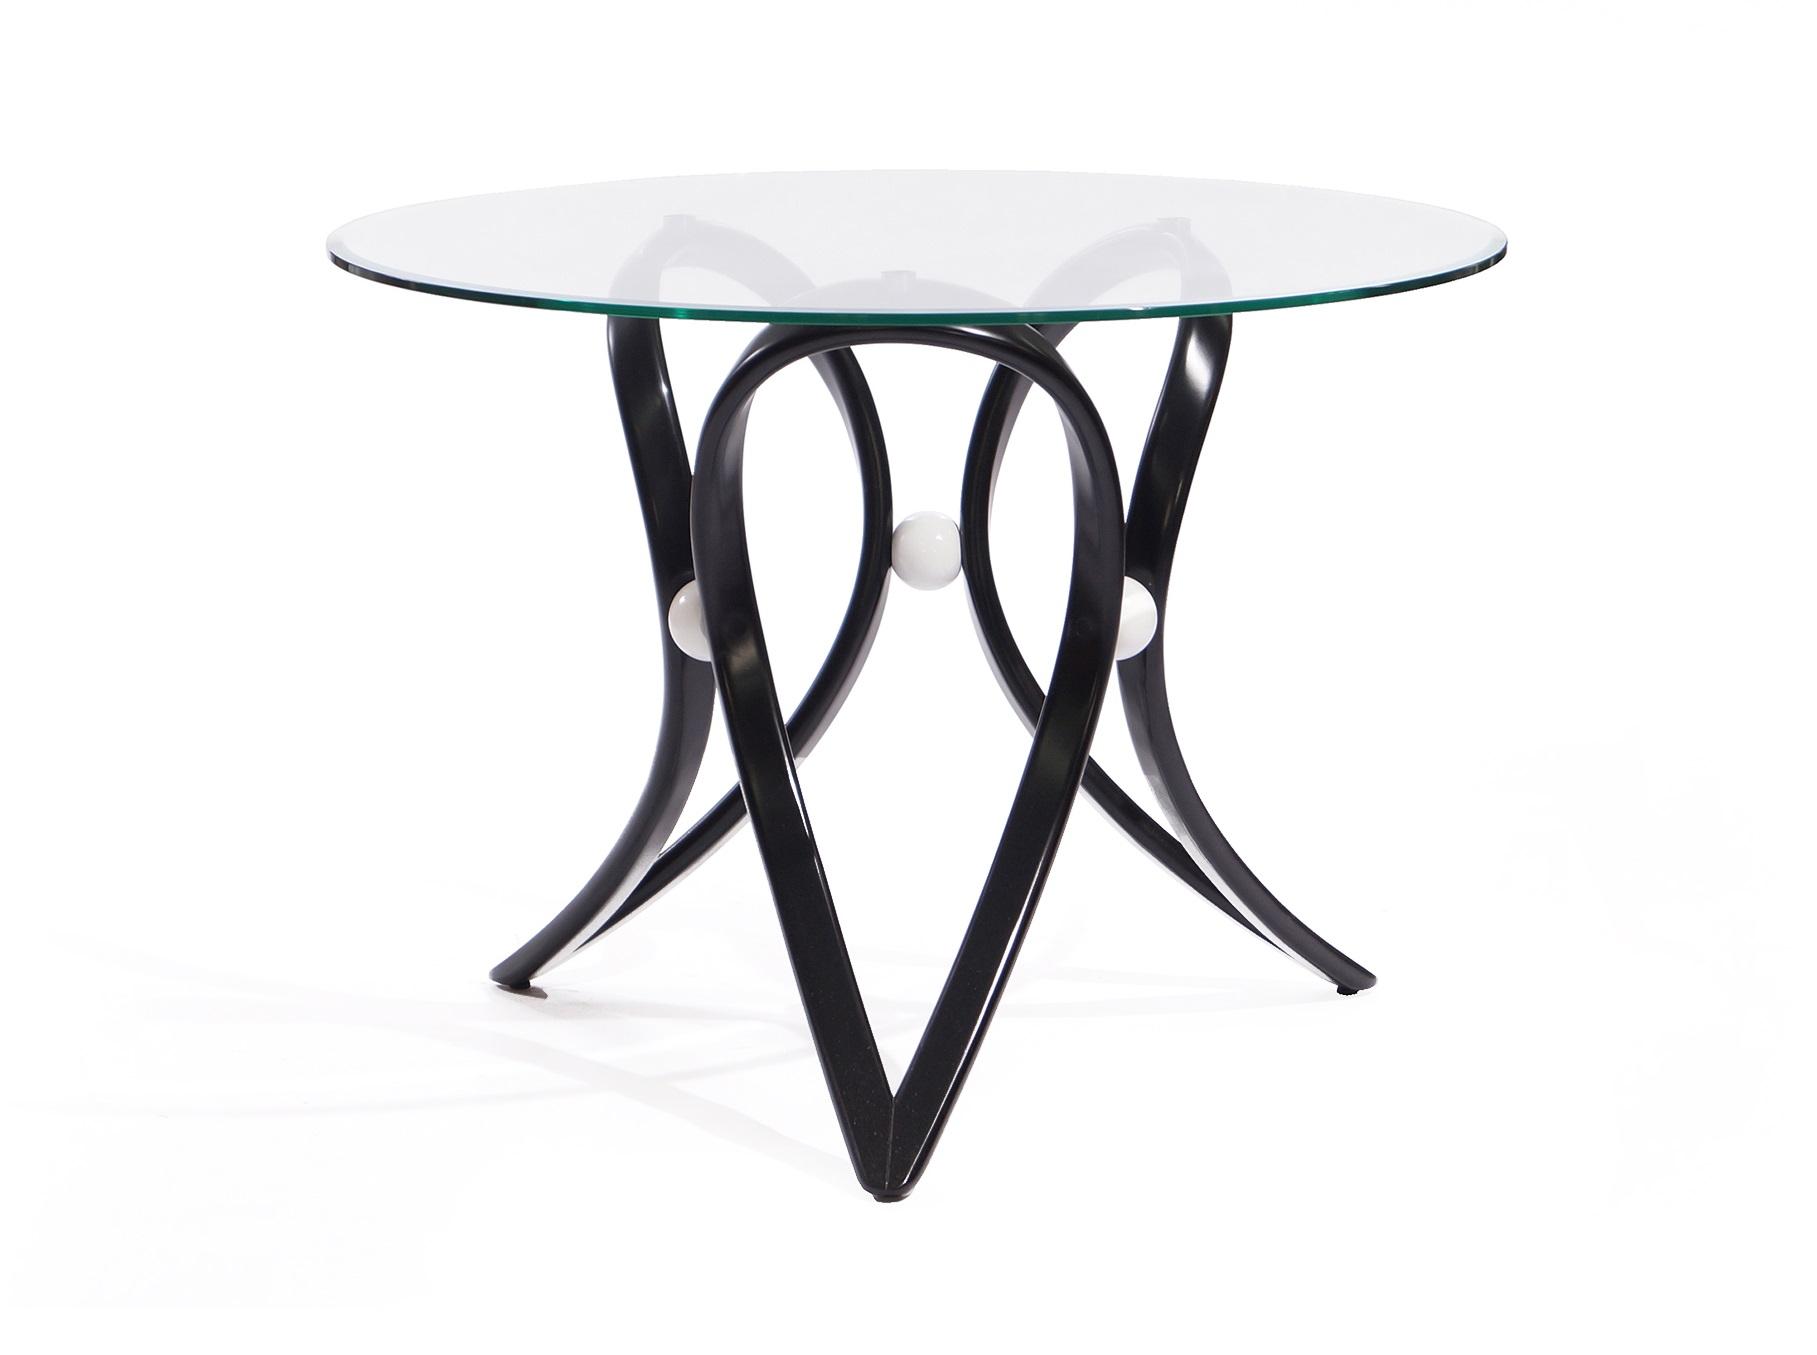 Стол обеденный  Apriori  VОбеденные столы<br>Обеденный круглый стол с изящным основанием из натурального дерева.&amp;amp;nbsp;&amp;lt;div&amp;gt;Материал: натуральная береза (9т венге), стекло прозрачное.&amp;lt;/div&amp;gt;<br><br>Material: Стекло<br>Высота см: 75.0